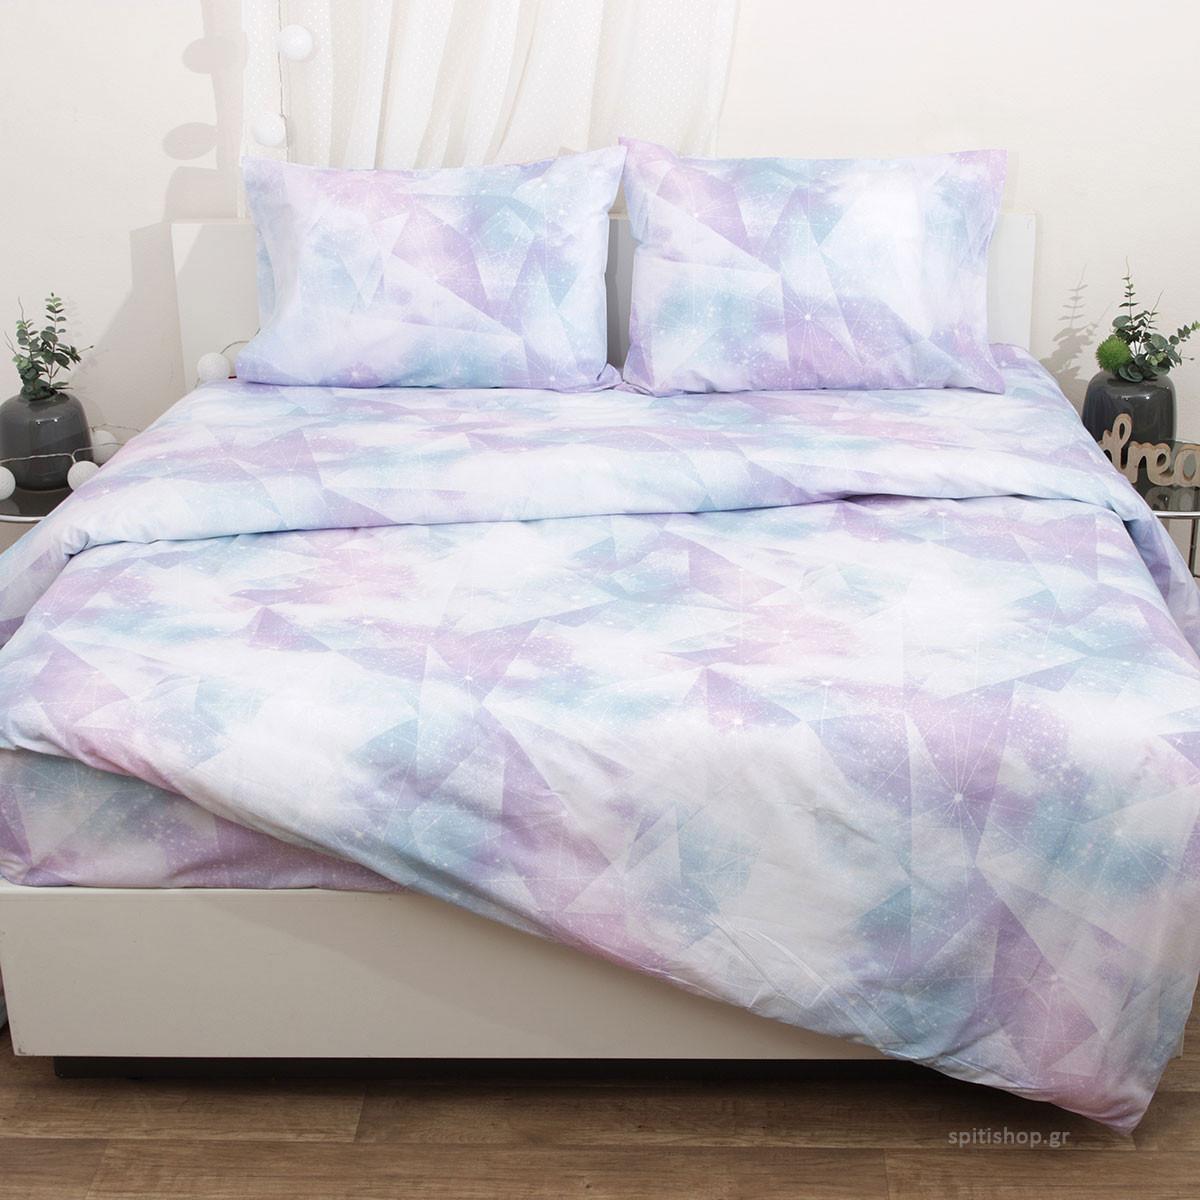 Πάπλωμα Ημίδιπλο (Σετ) Viopros Fresh Γκάλαξυ home   κρεβατοκάμαρα   παπλώματα   παπλώματα ημίδιπλα   διπλά